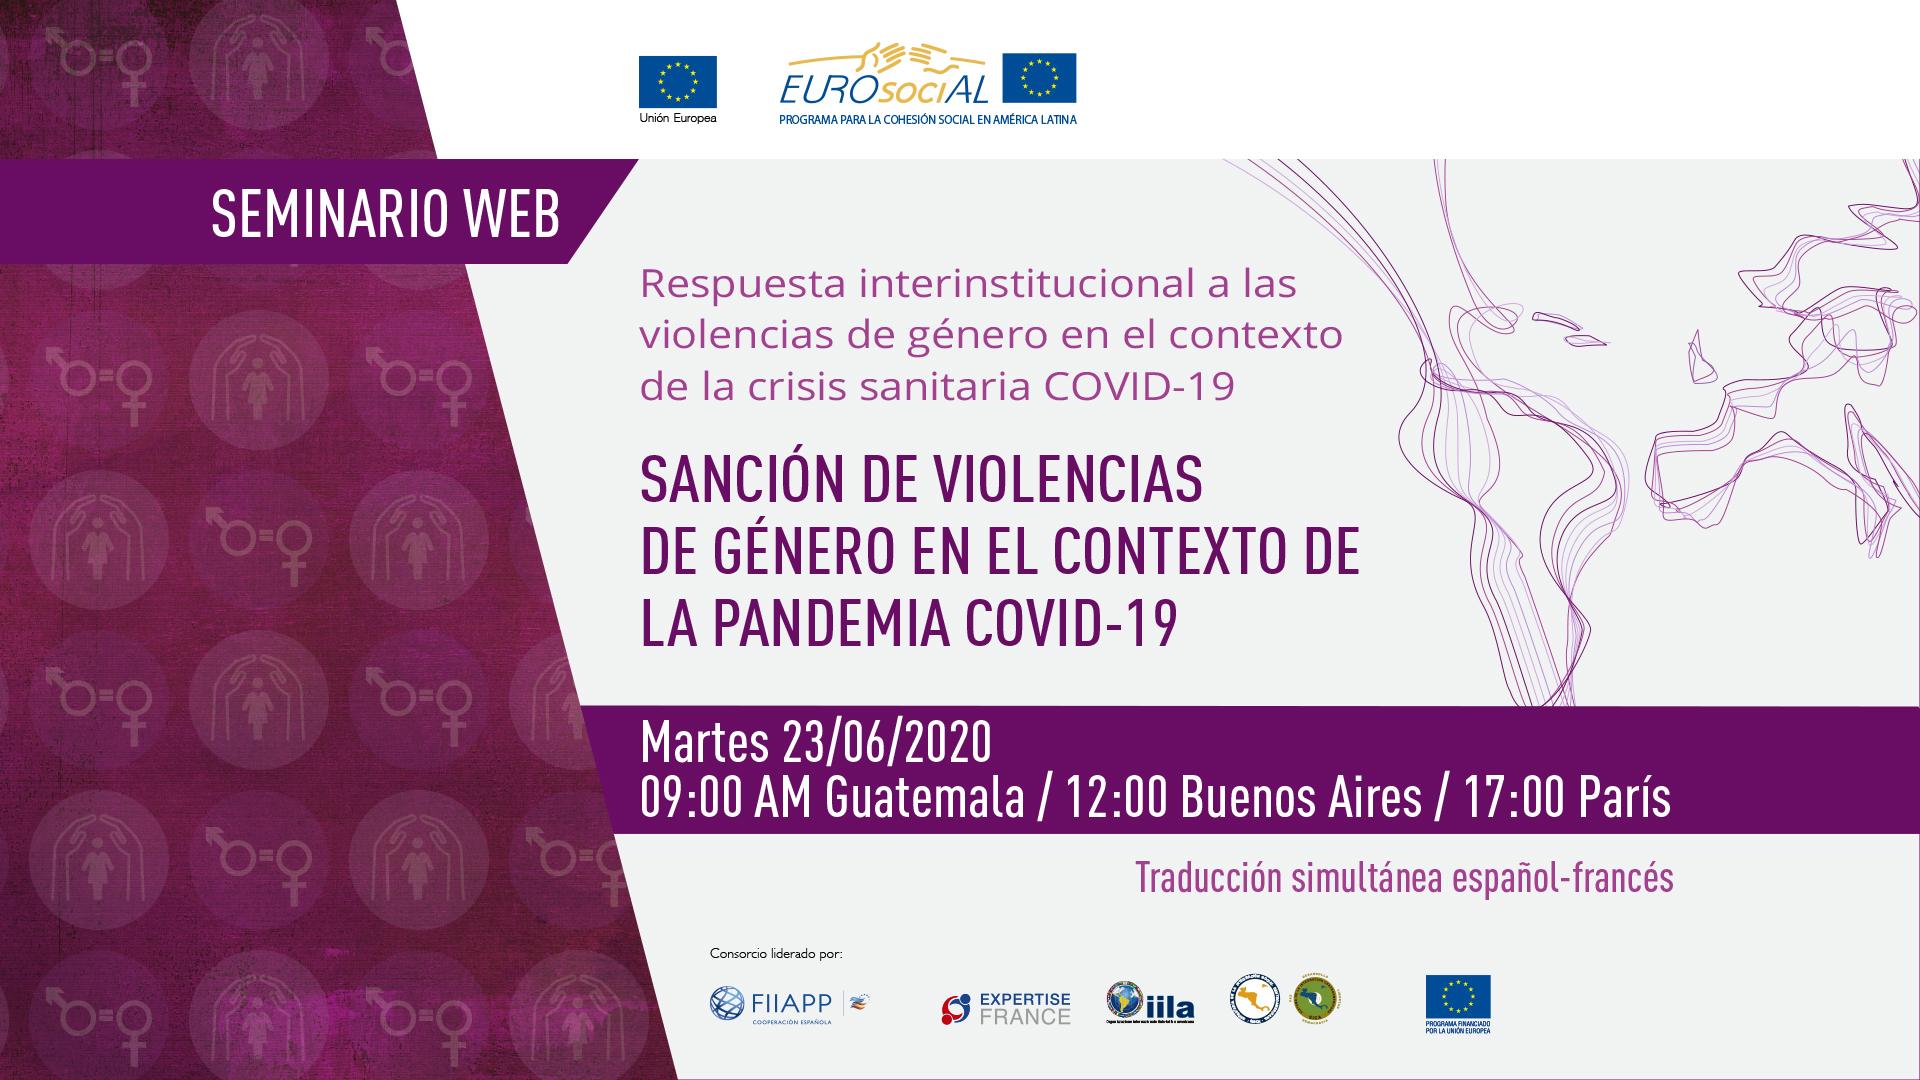 Sanción de violencias de género en el contexto de la pandemia Covid-19